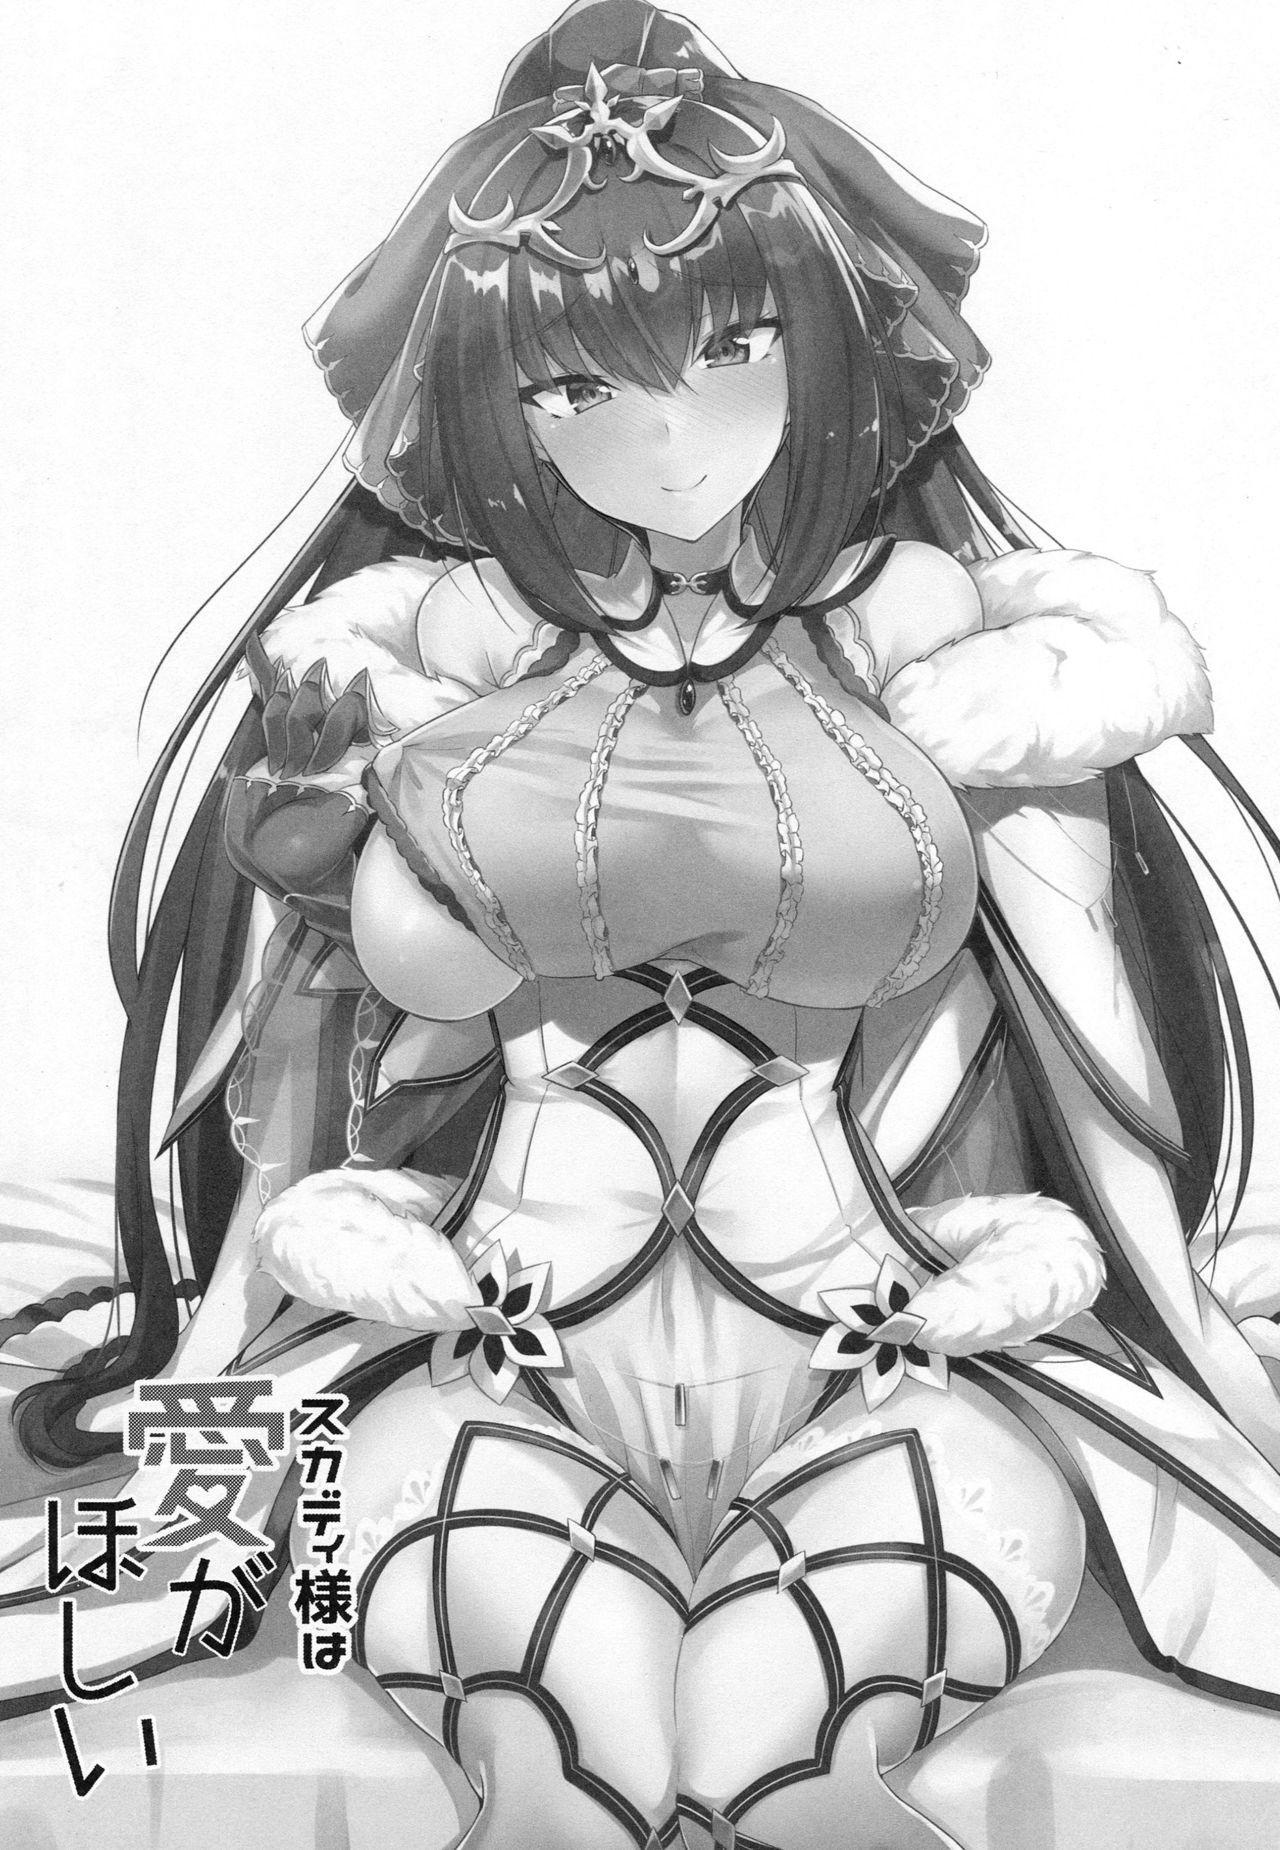 Skadi-sama wa Ai ga Hoshii 1